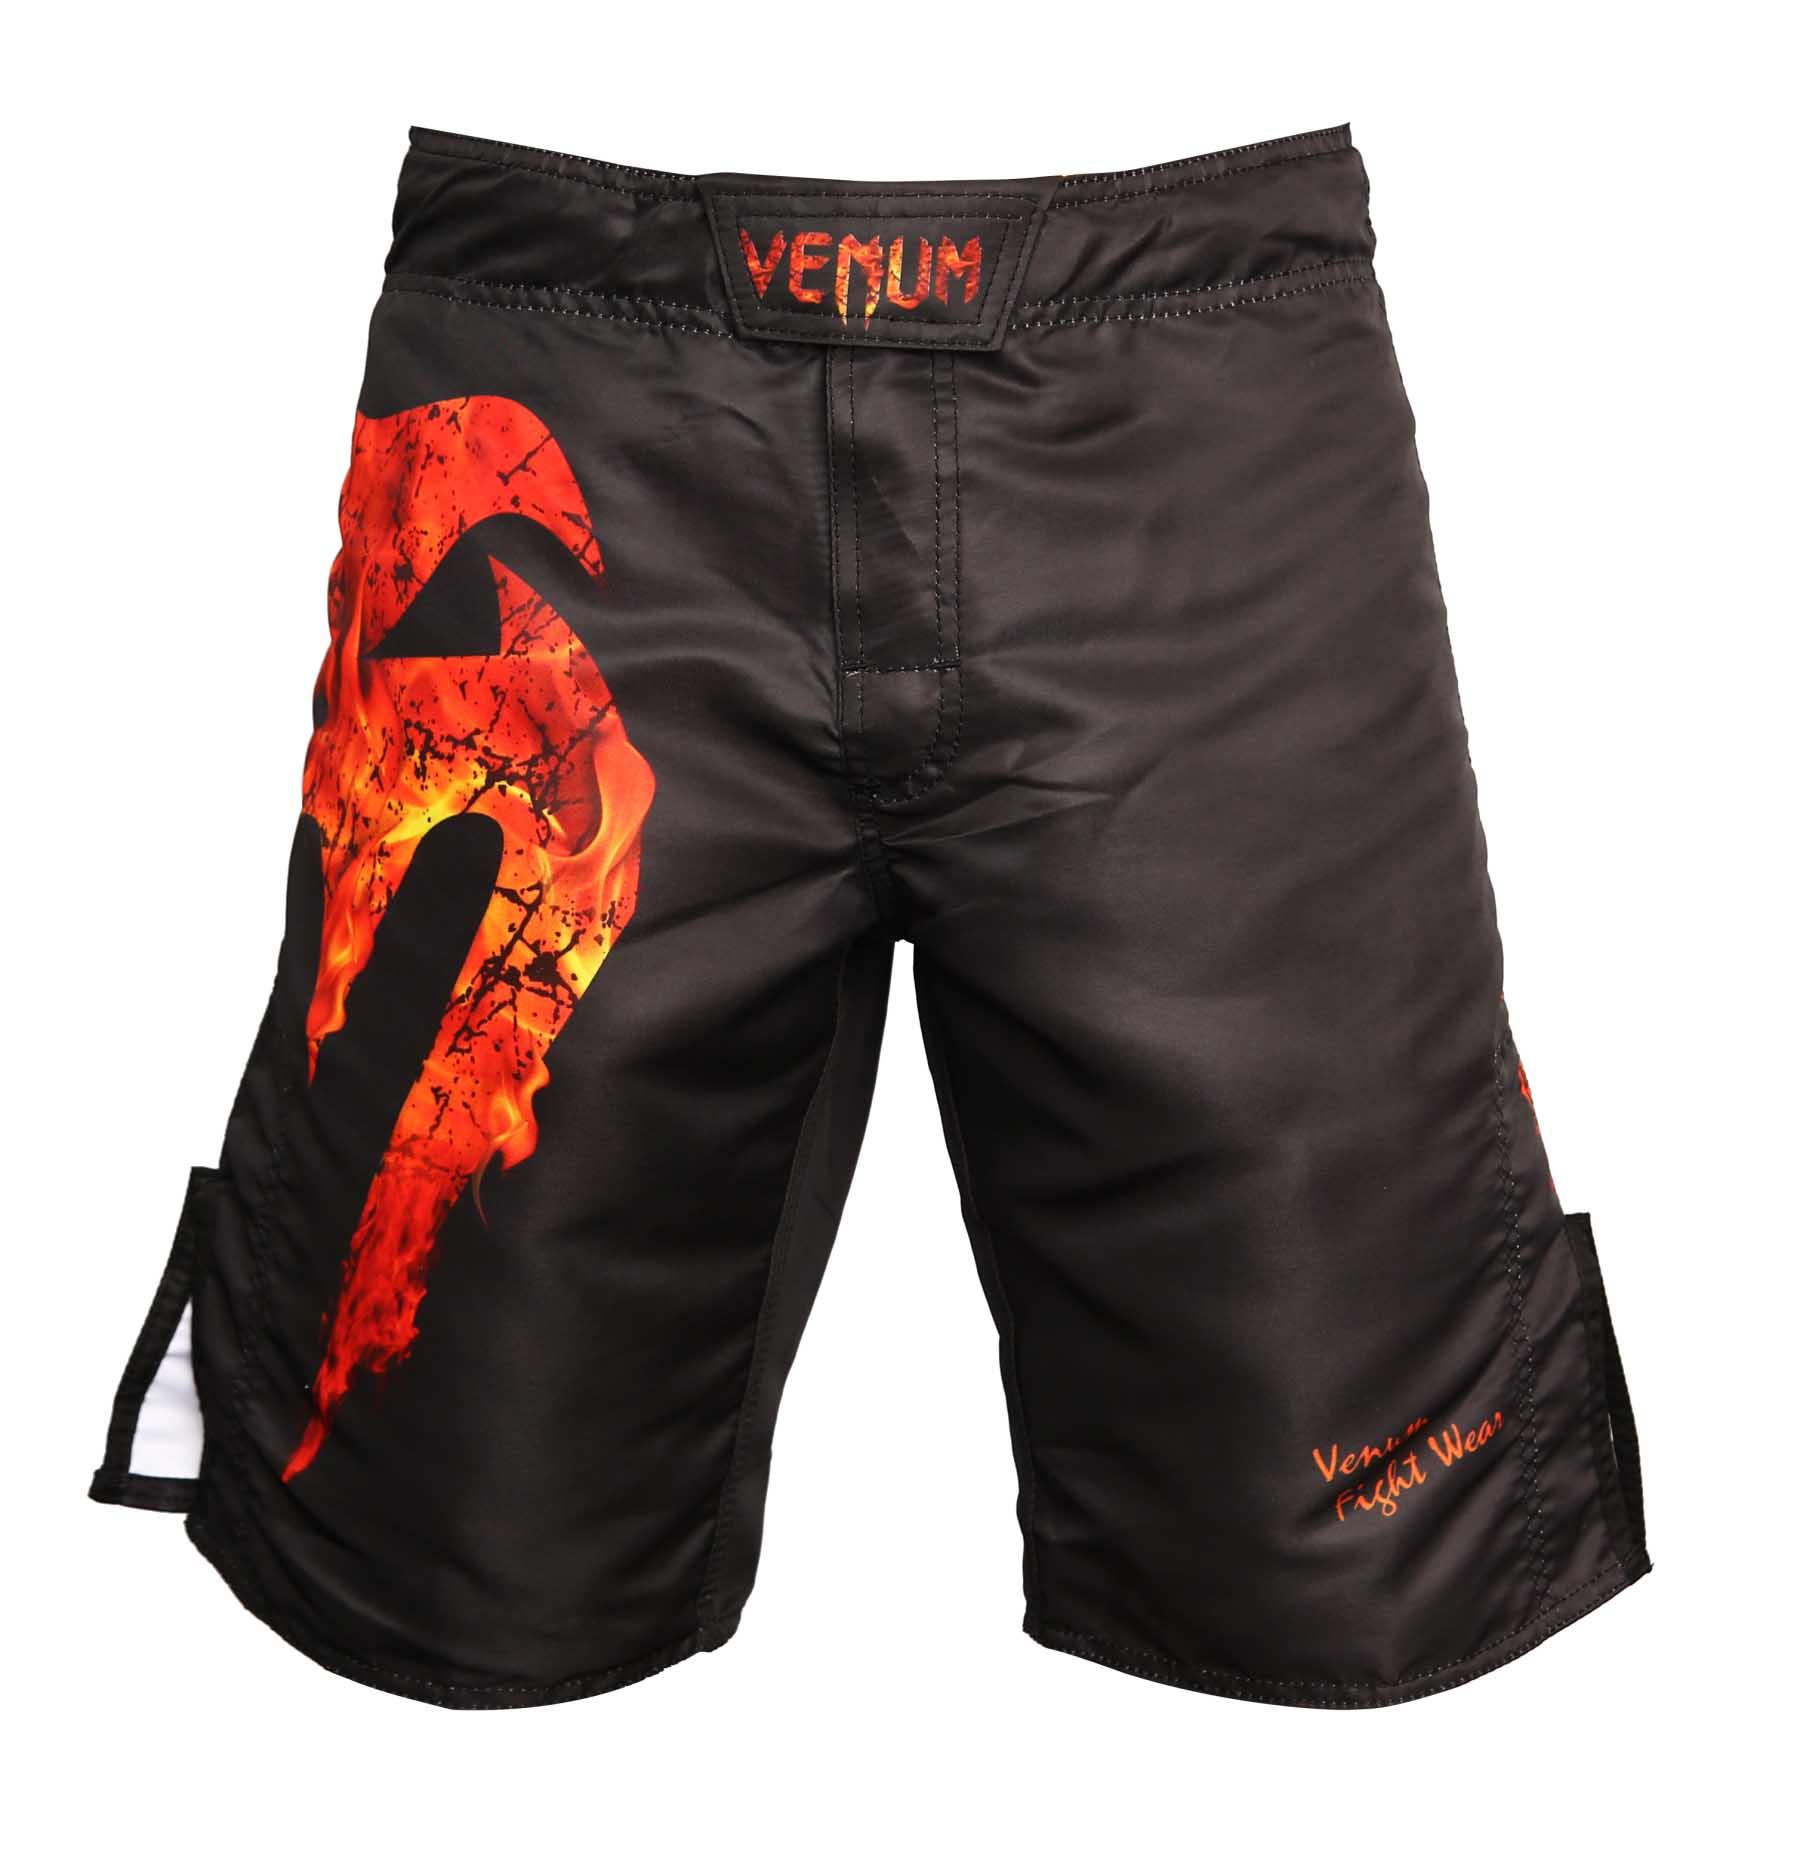 Bermuda MMA Giant Fire - Preto/Vermelho - Venum Fight  - Loja do Competidor